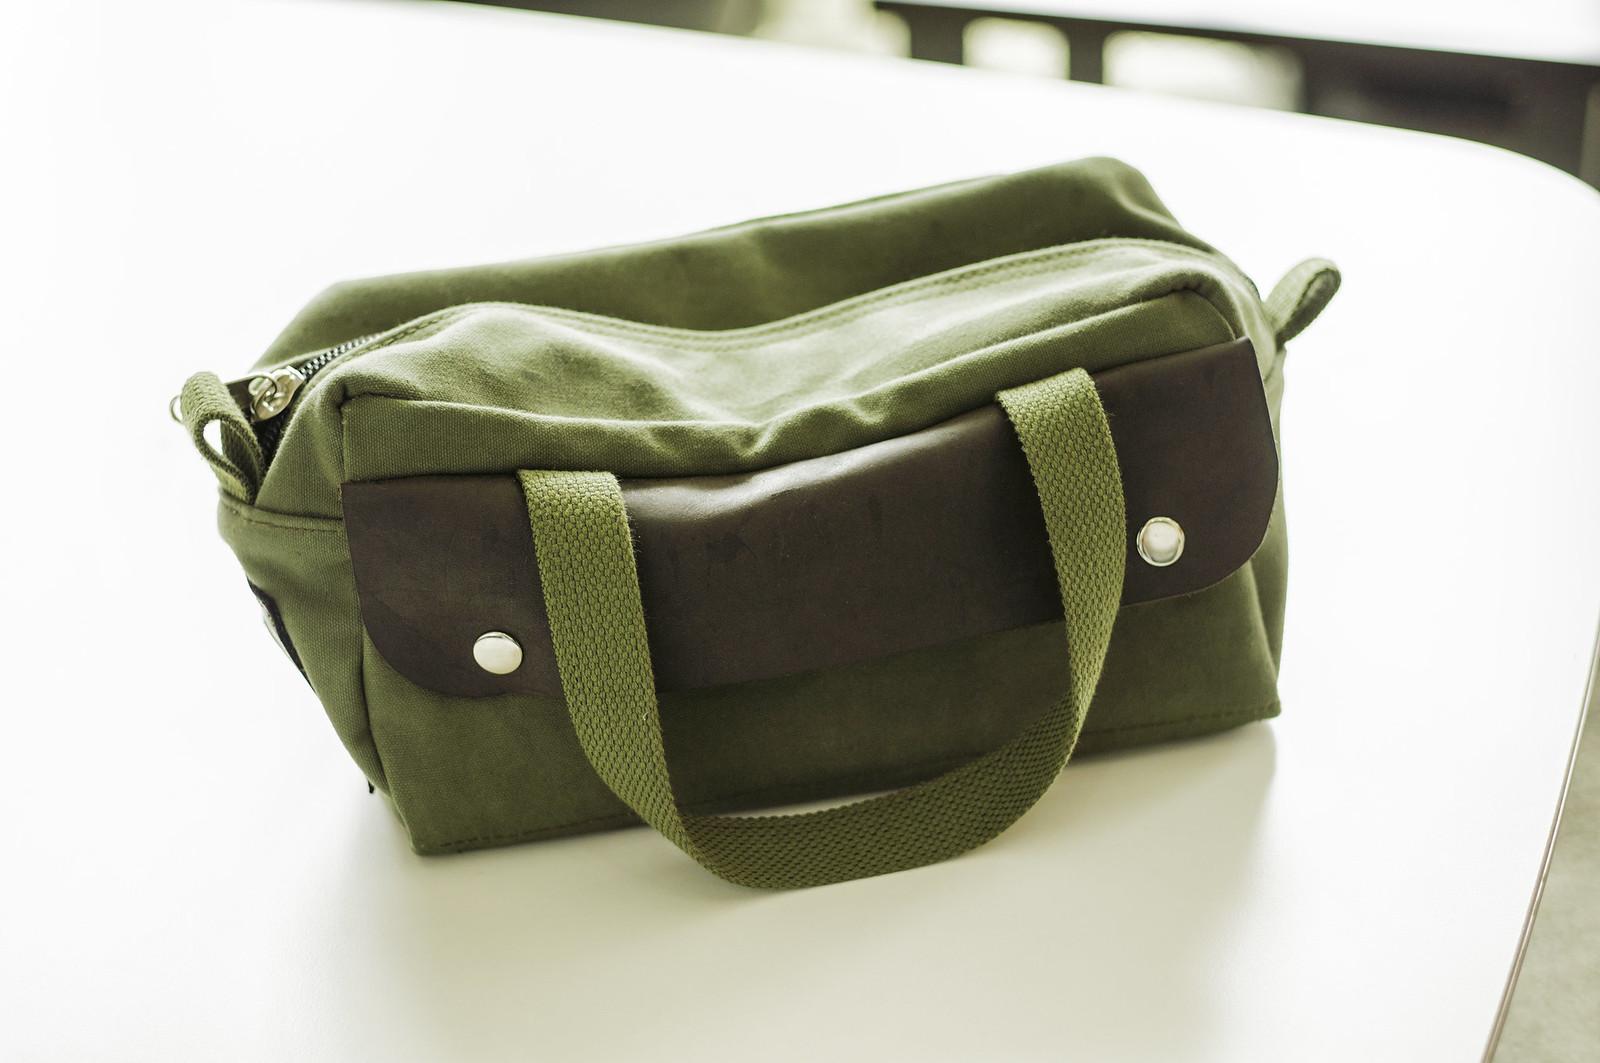 tool bag photo 1